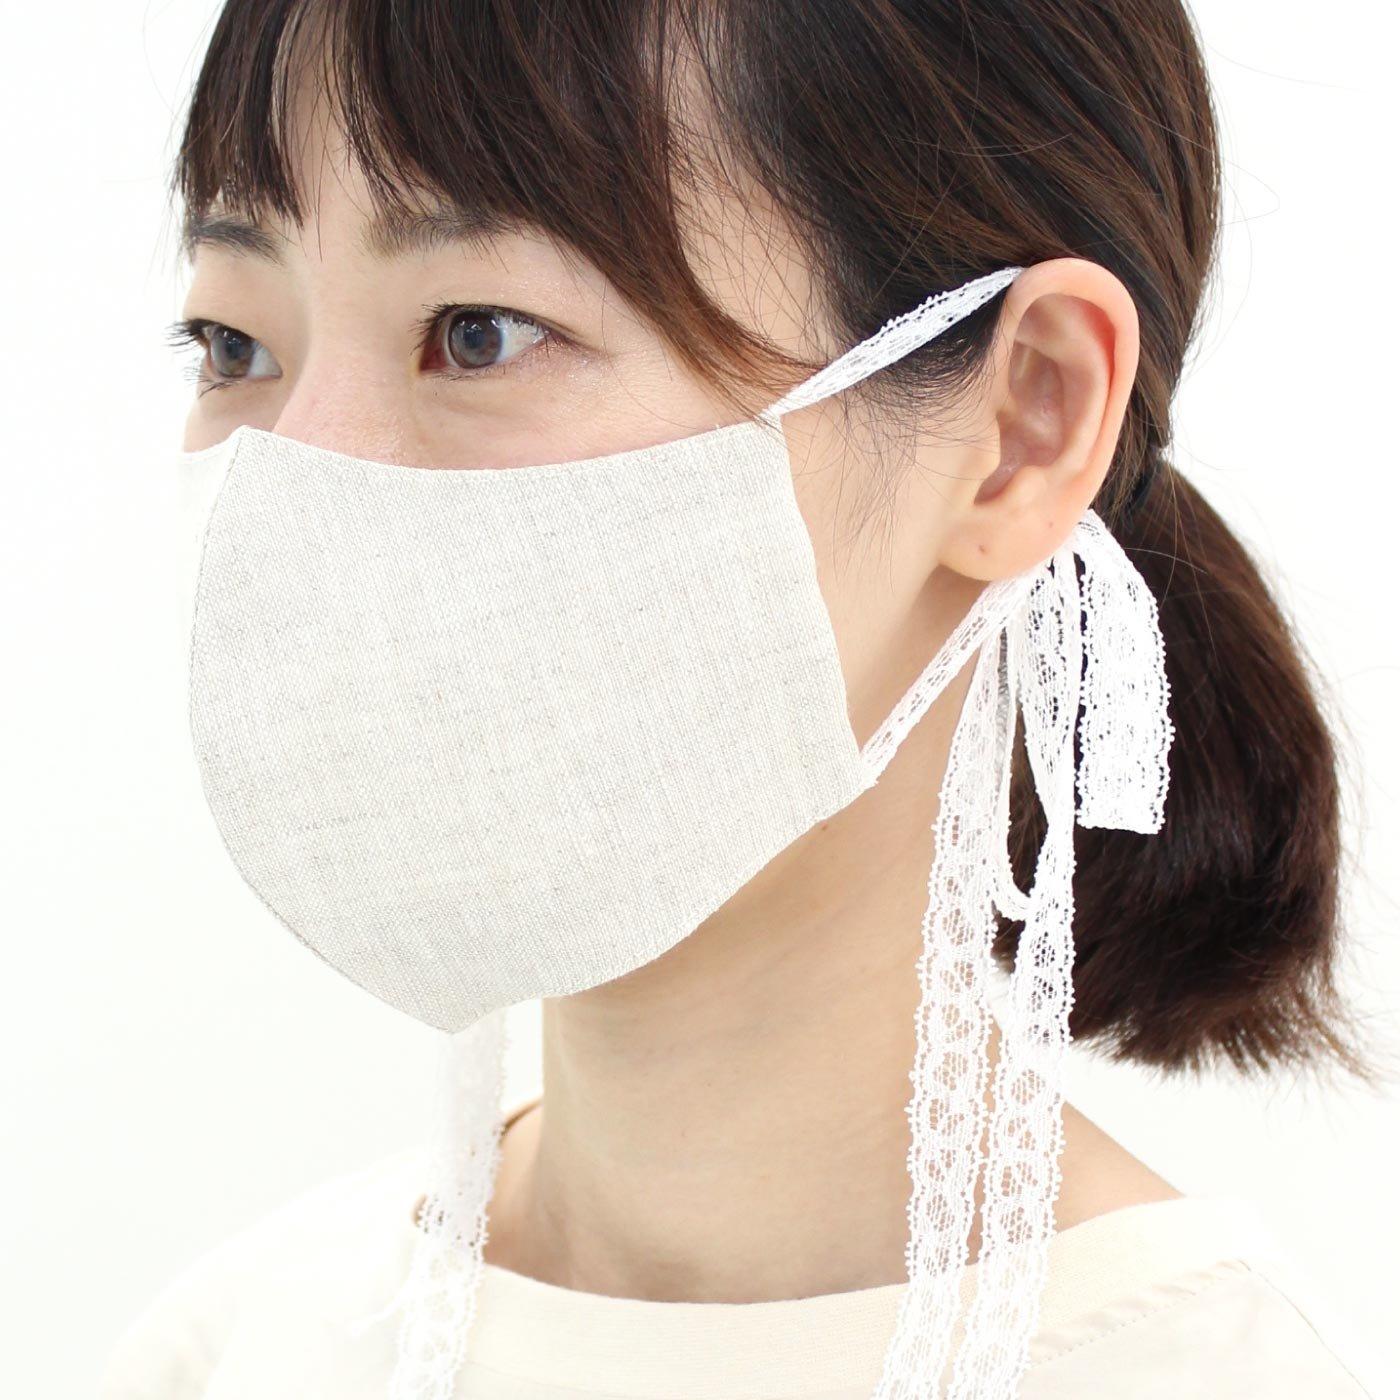 【WEB限定】IEDIT[イディット] 繊細で上品なレースリボンで気分も上がる 麻100%素材の立体マスク